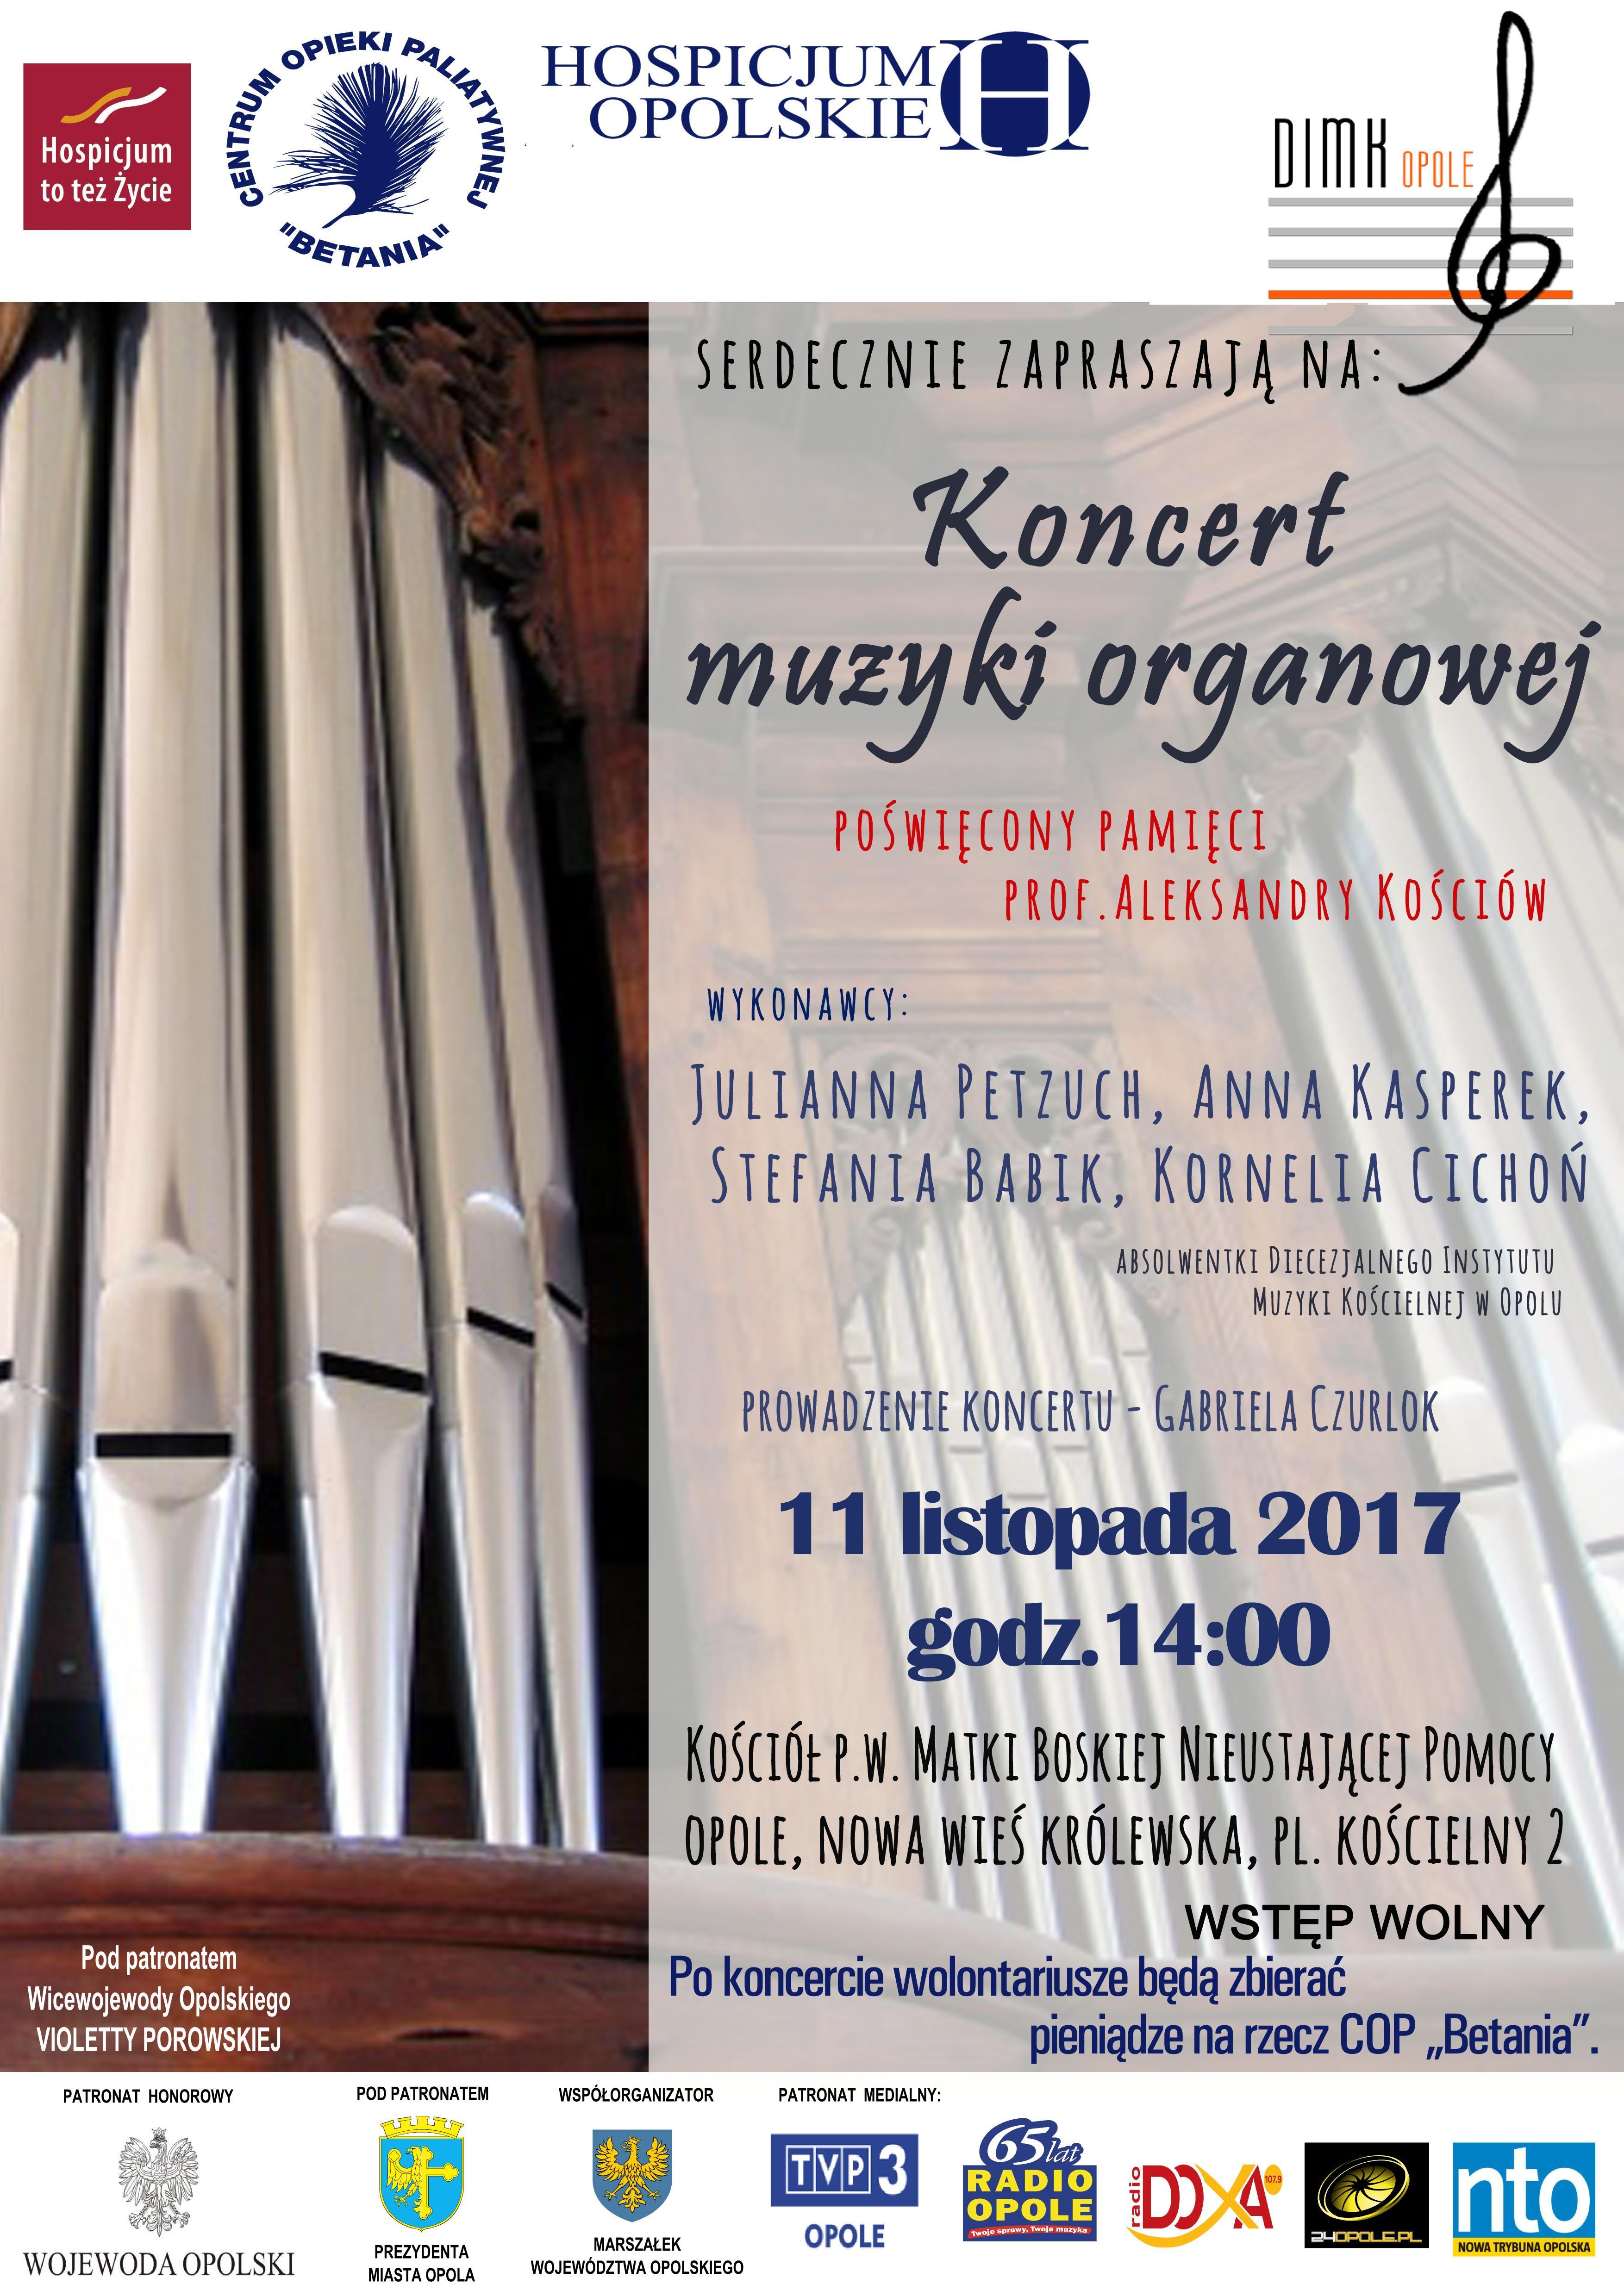 Koncert organowy w sobotę (11.11) jednym z wydarzeń trwającej w Opolu kampanii społecznej 'Hospicjum to też życie'